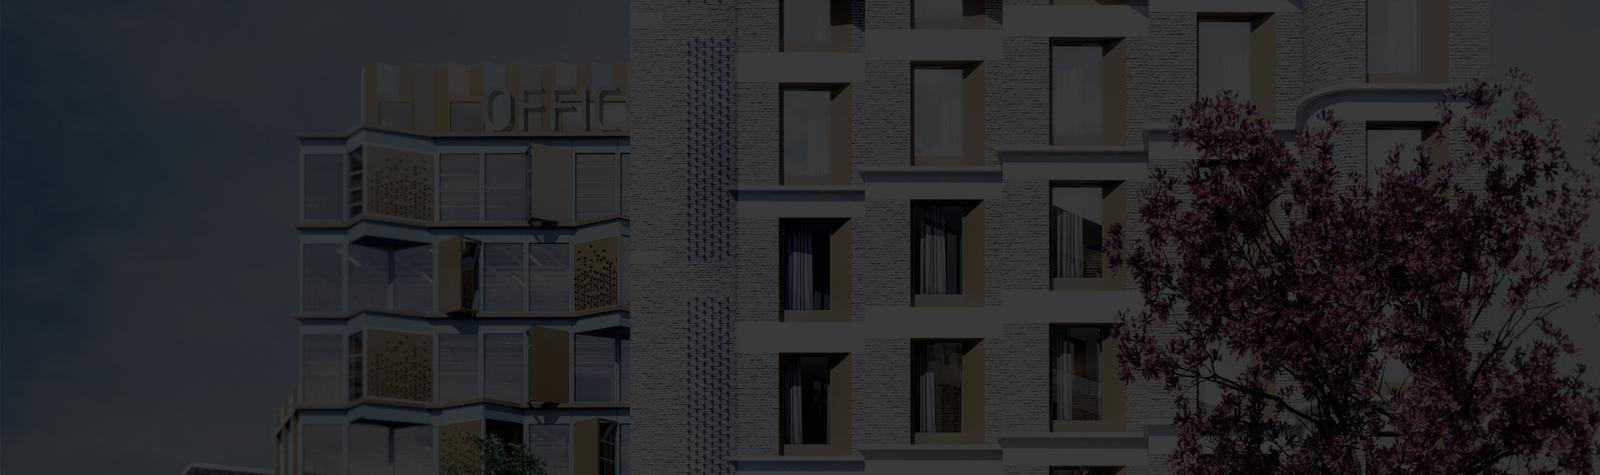 Union Investment fait son entrée sur le marché hôtelier irlandais avec l'acquisition du projet Premier Inn à Dublin